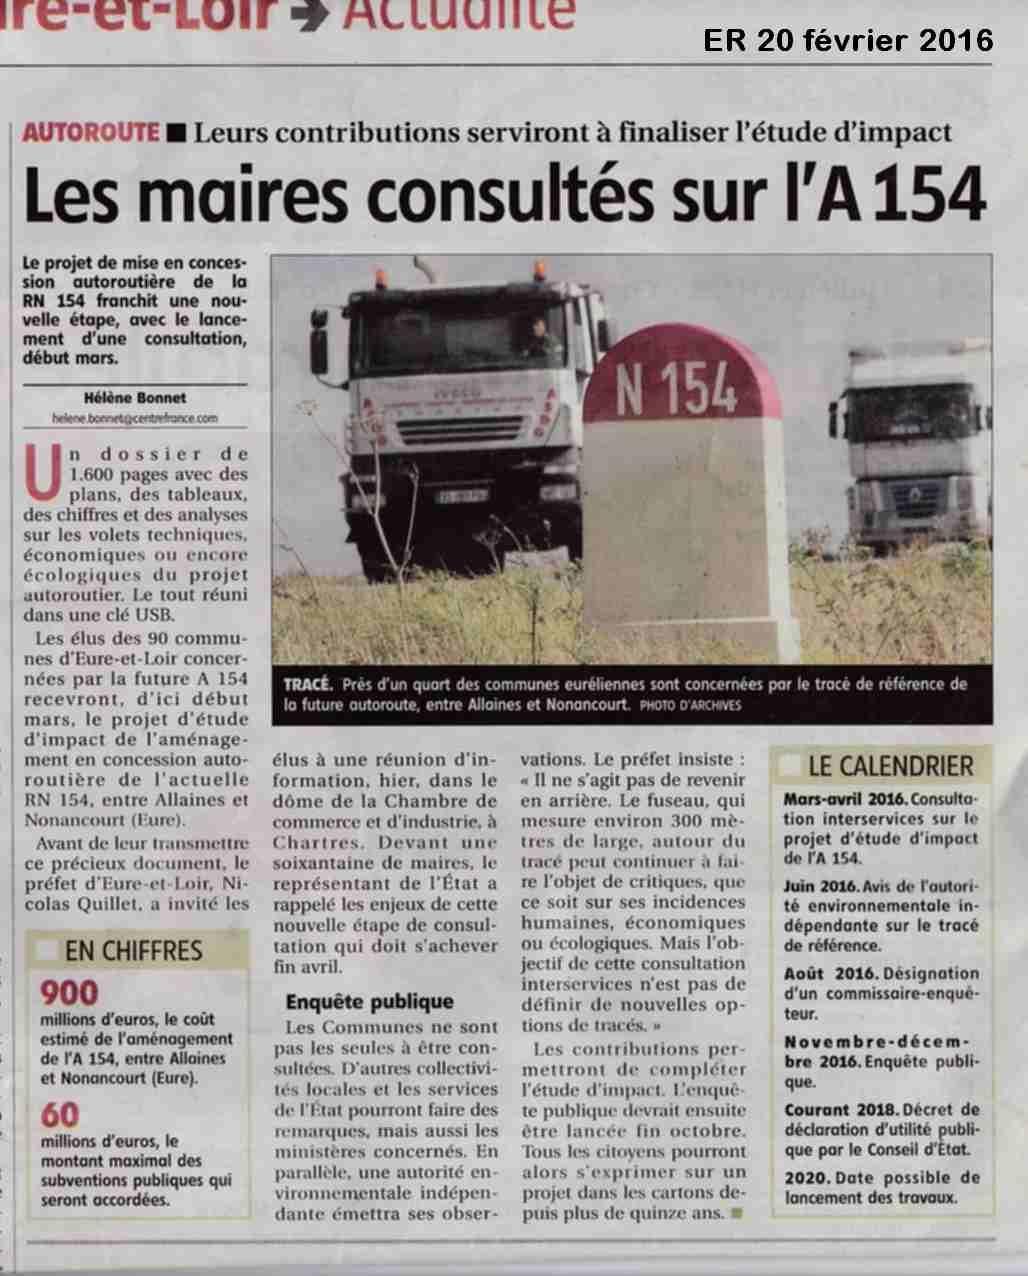 Presse/ Réunion des maires à Chartres